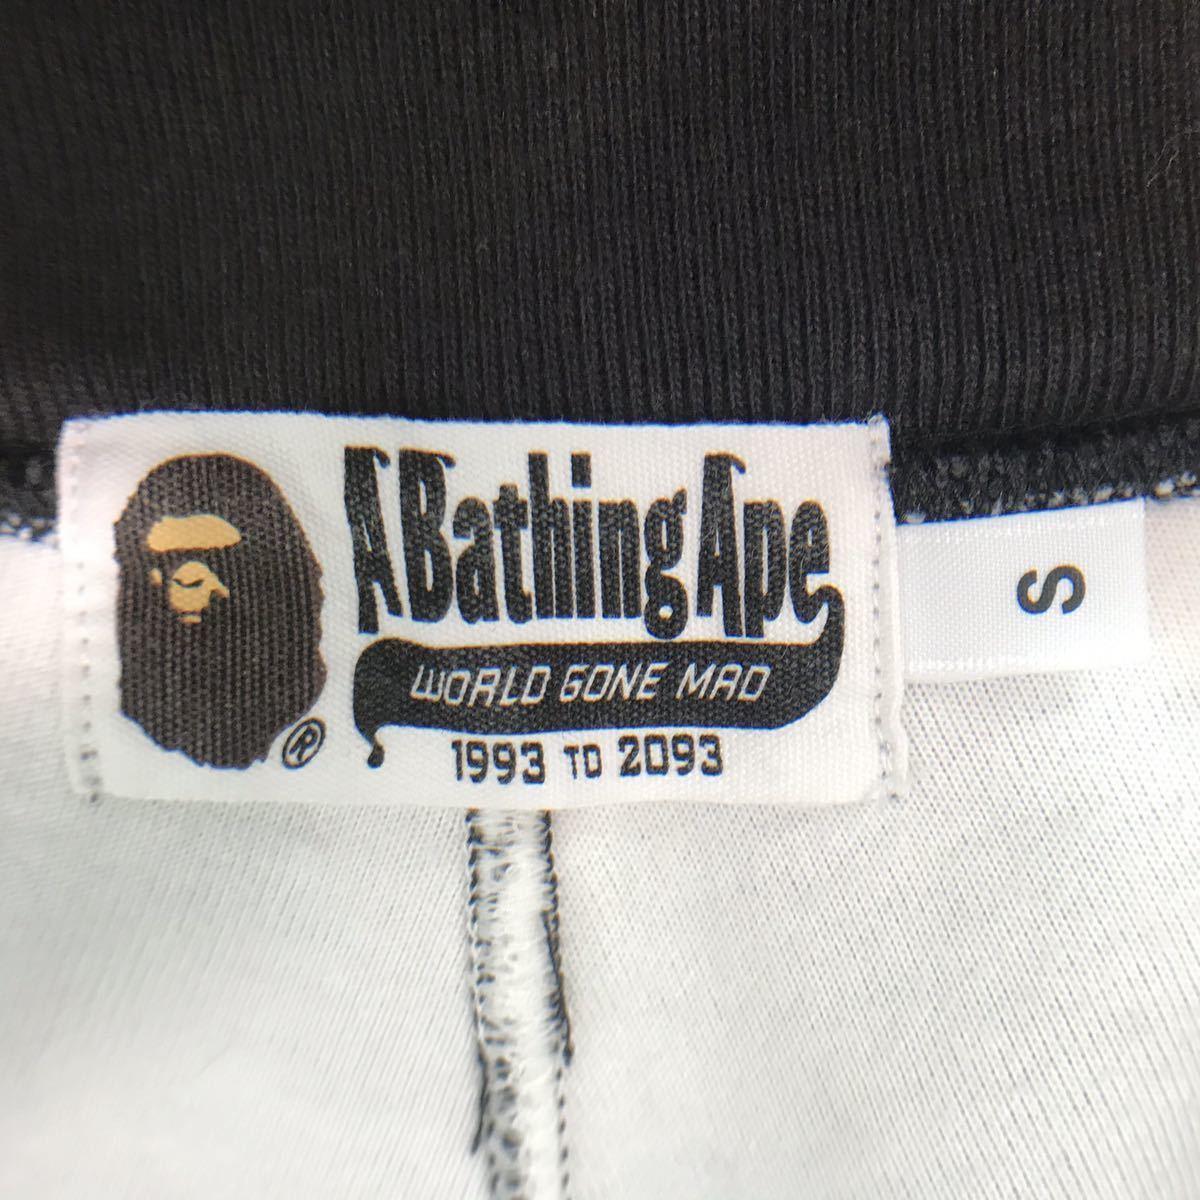 ★蓄光★ city camo シャーク ハーフパンツ Sサイズ ショーツ a bathing ape bape shark shorts エイプ ベイプ アベイシングエイプ 5253